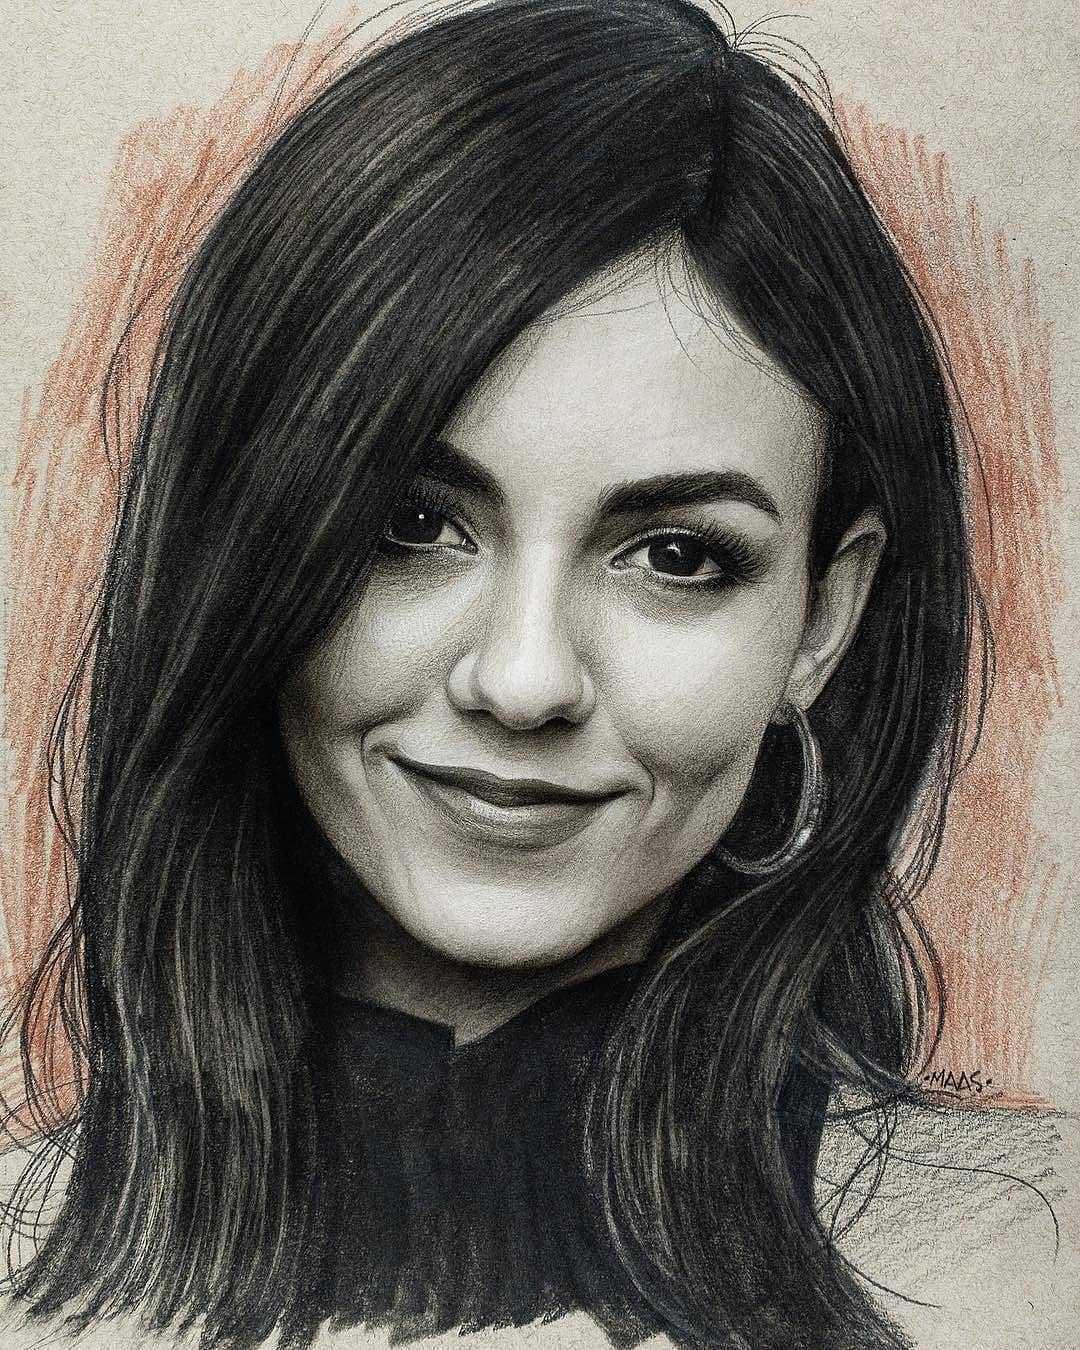 عکس نقاشی دختر زیبا سیاه قلم